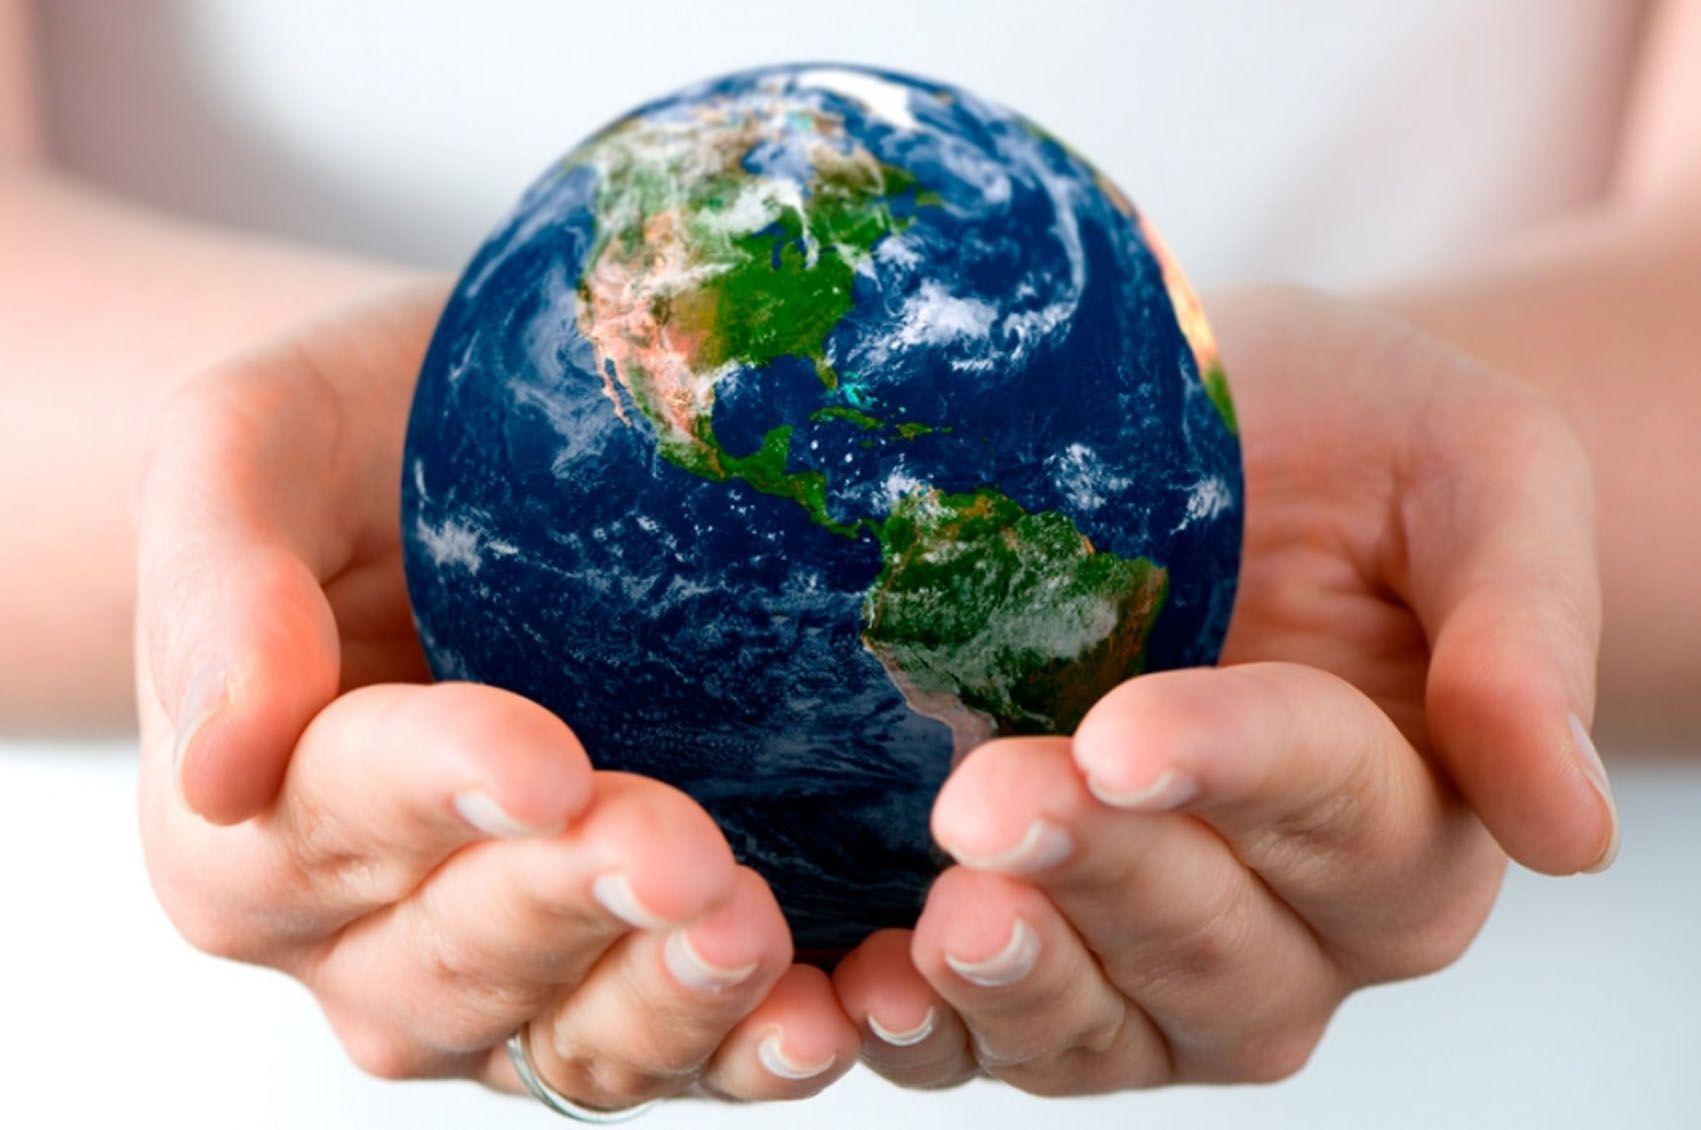 Día Internacional de la Tierra: 10 datos fascinantes para conocer mejor nuestro planeta